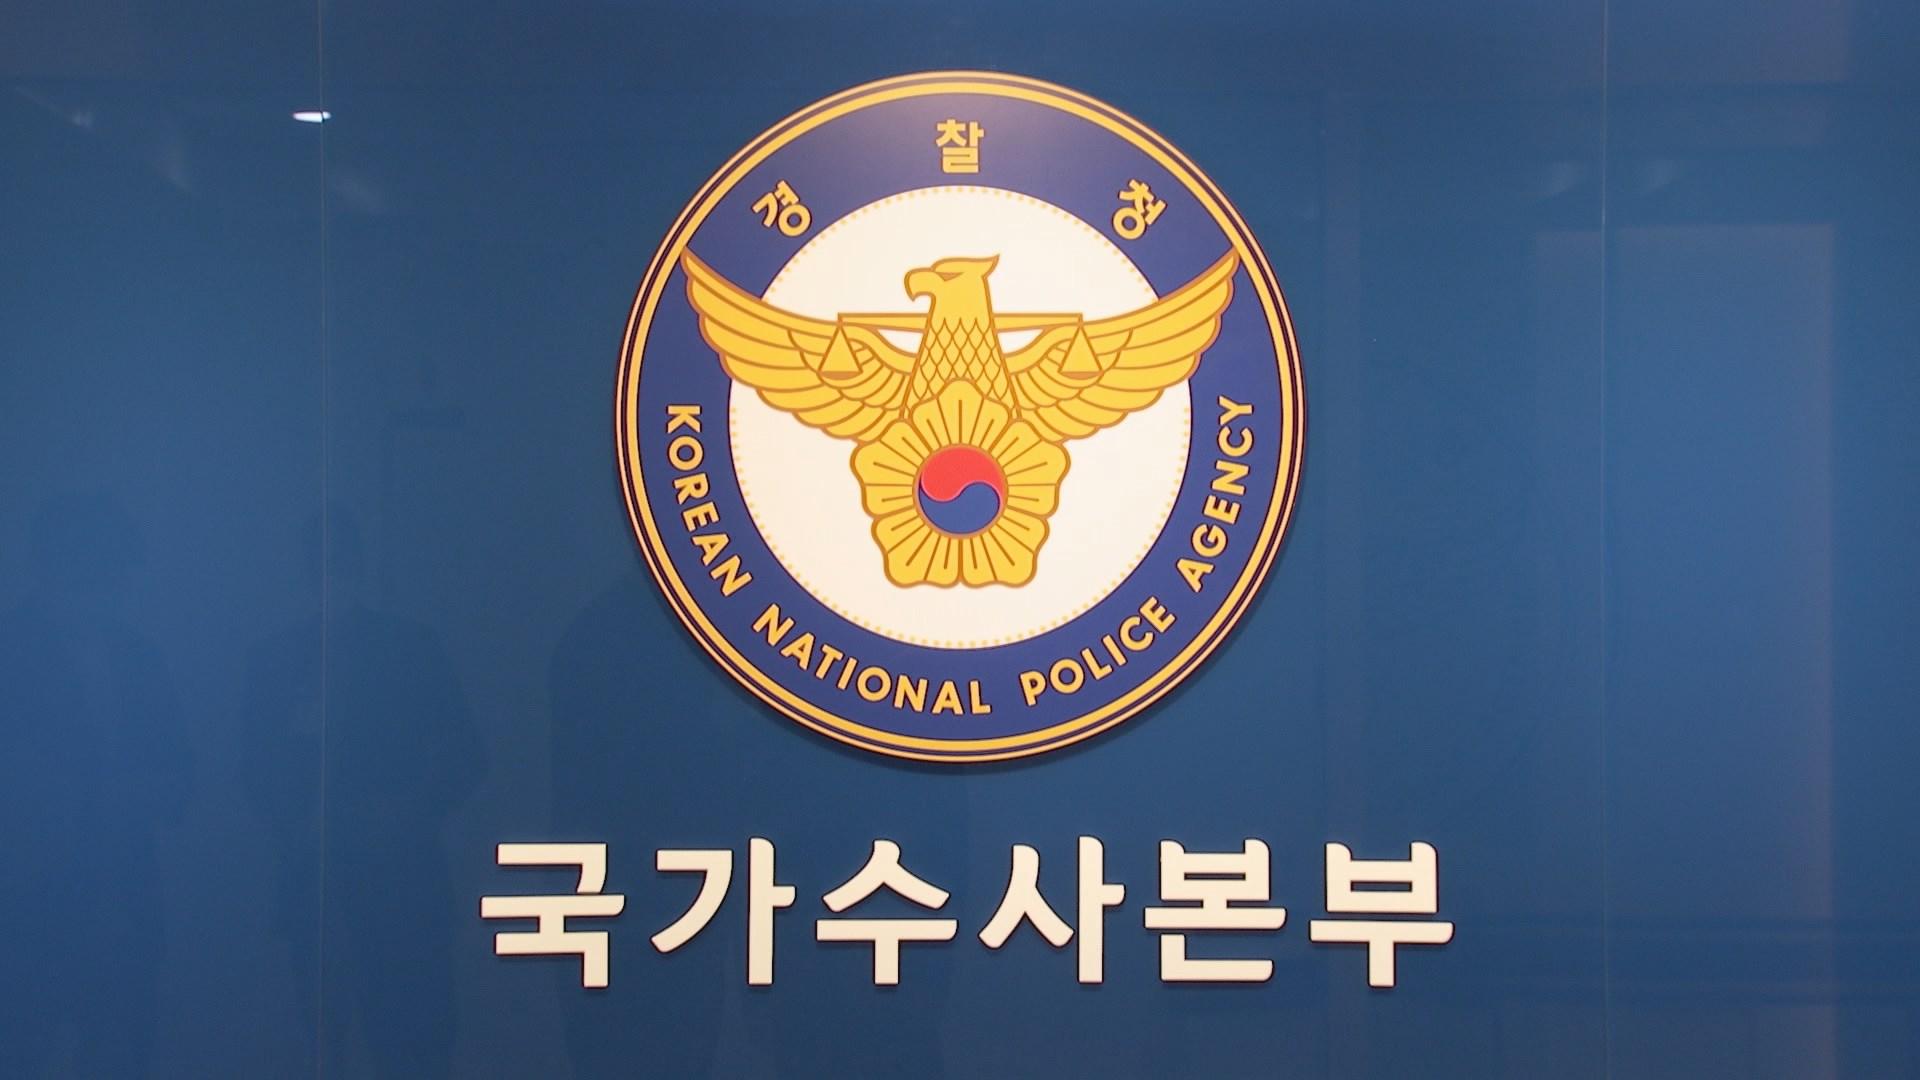 '투기공화국' 오명…부동산 비위 수사 장기화